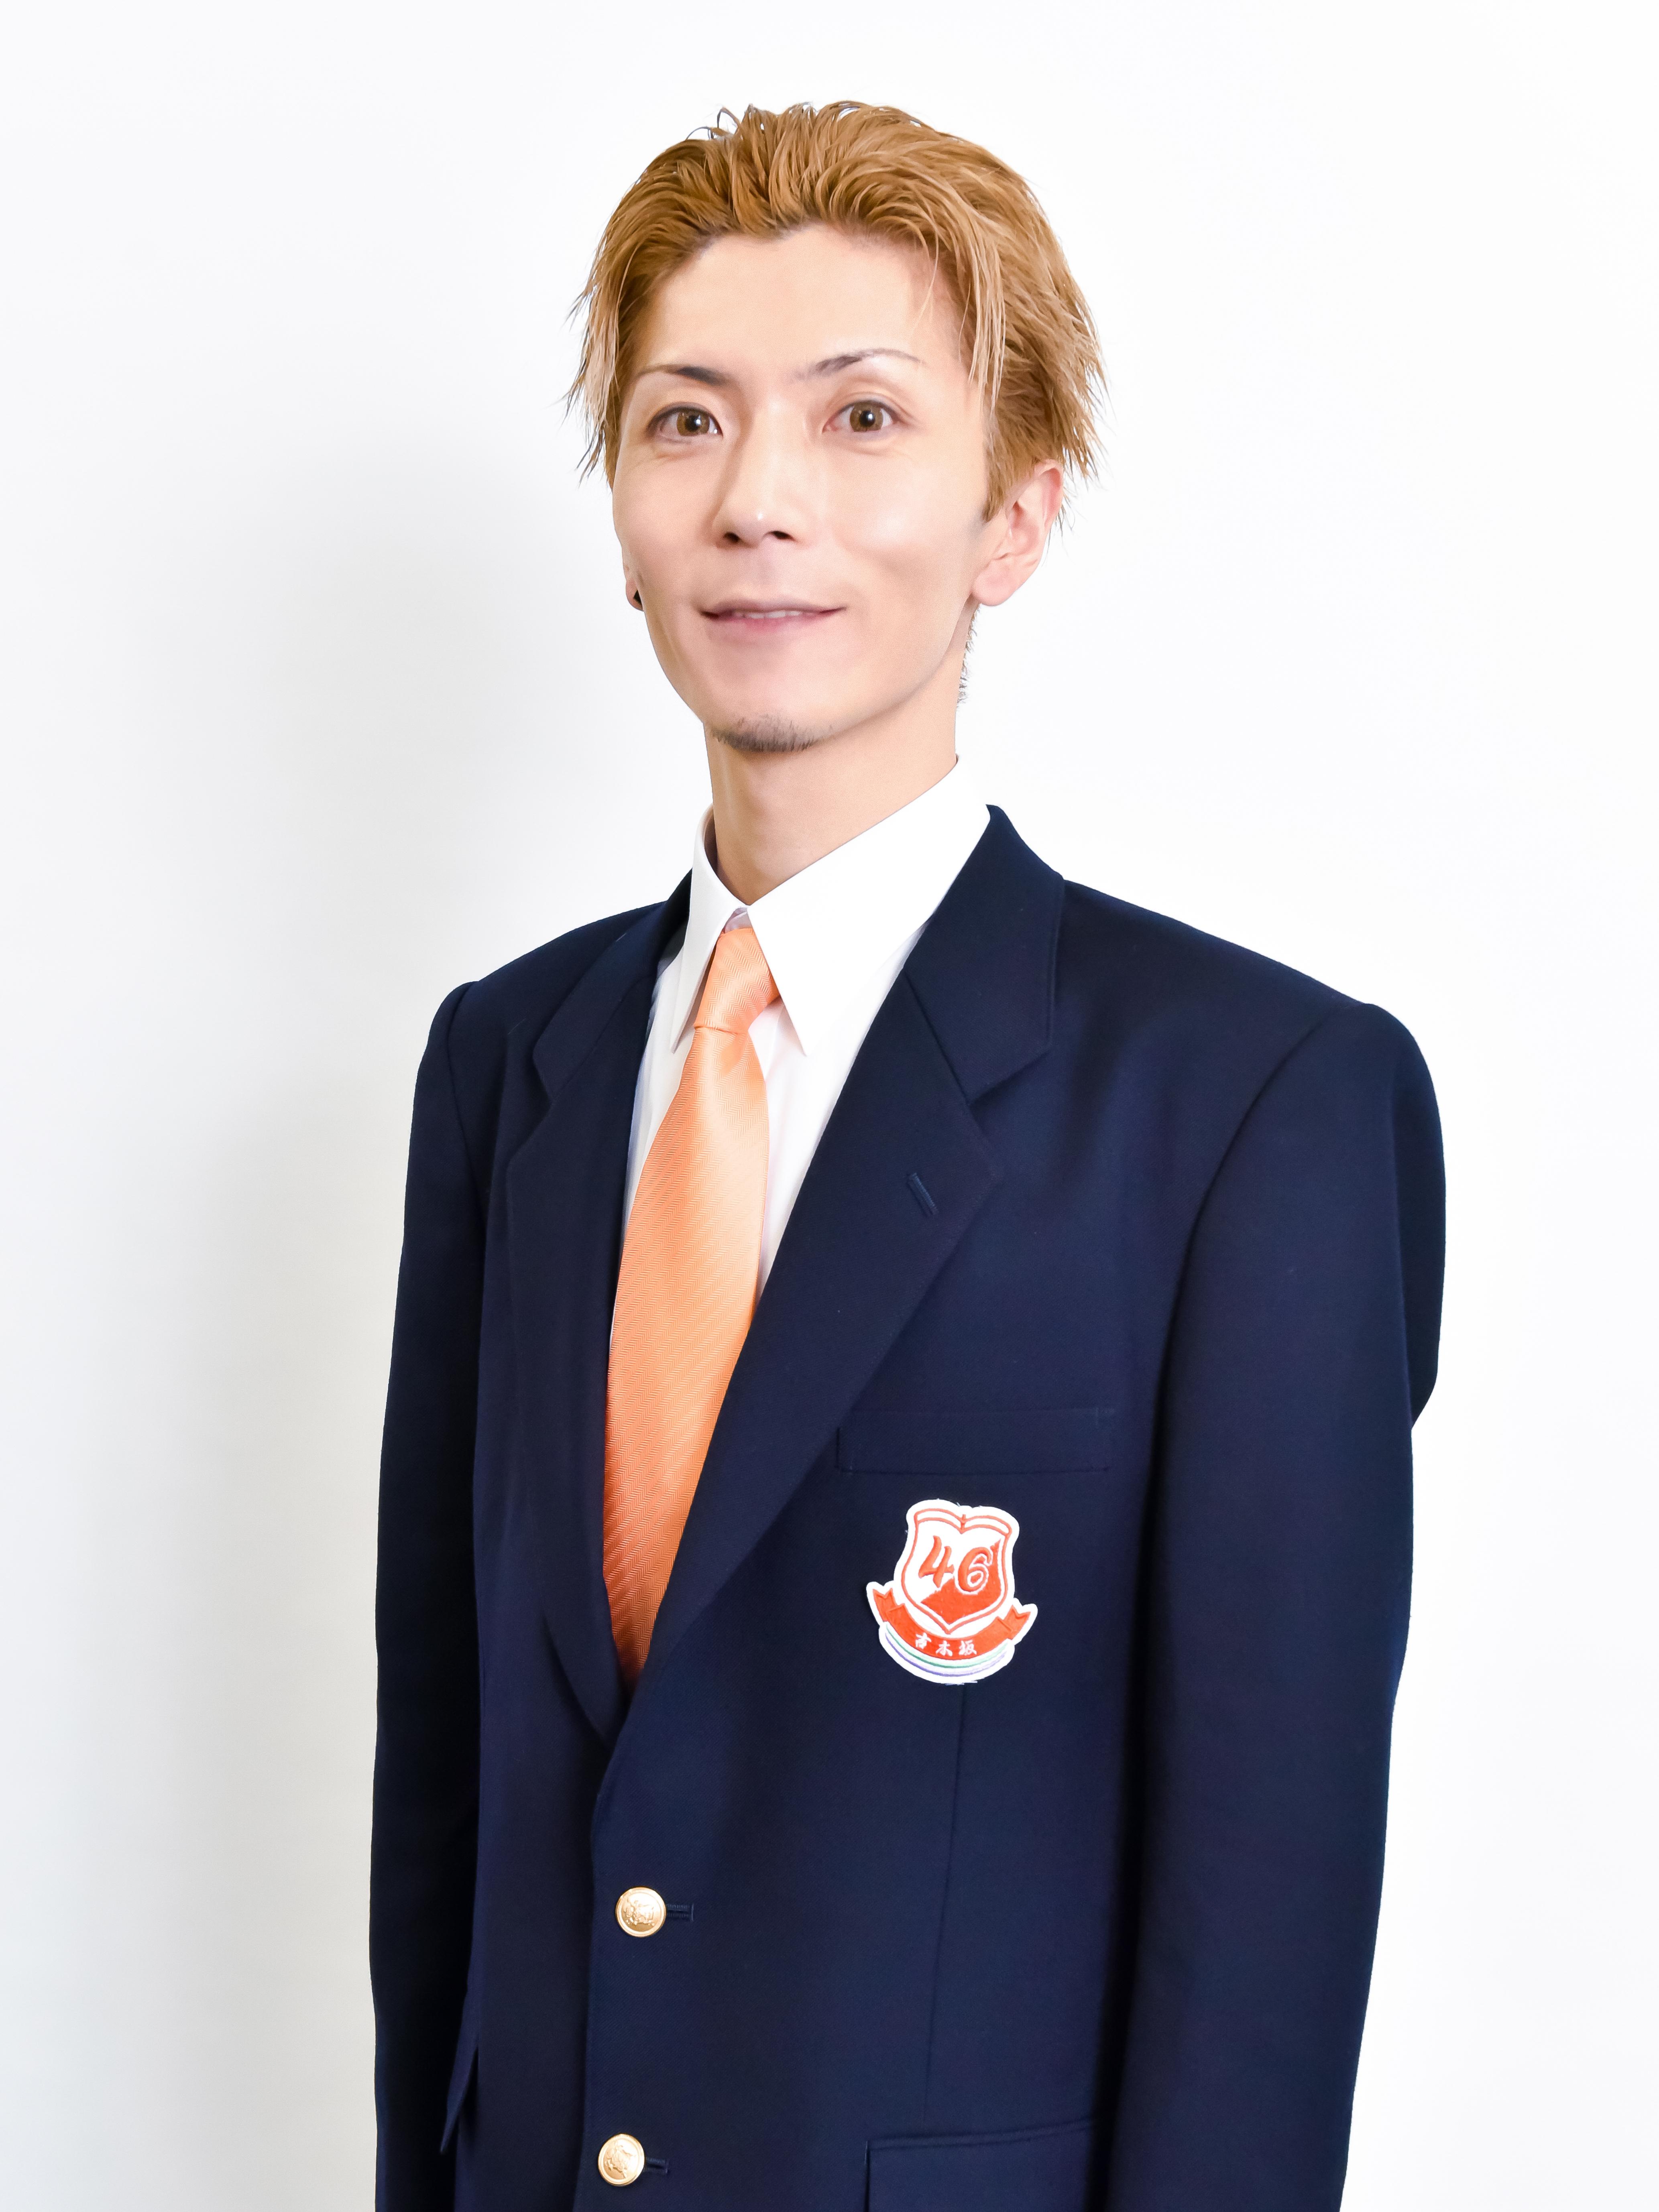 Obara Yoshio